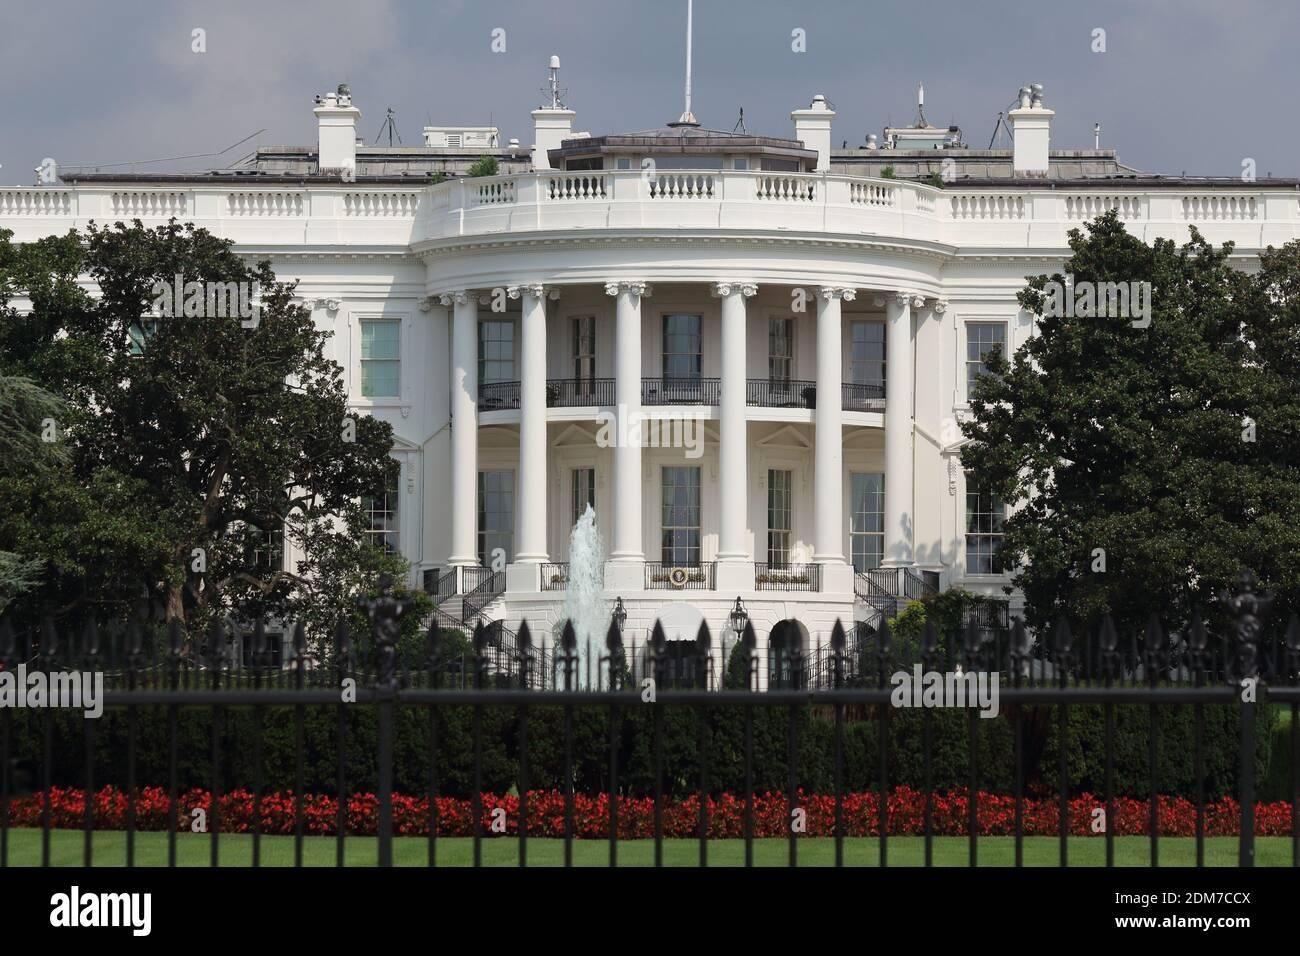 Disparo exterior del ala oeste de la Casa Blanca que contiene la Oficina Oval, Washington DC Foto de stock